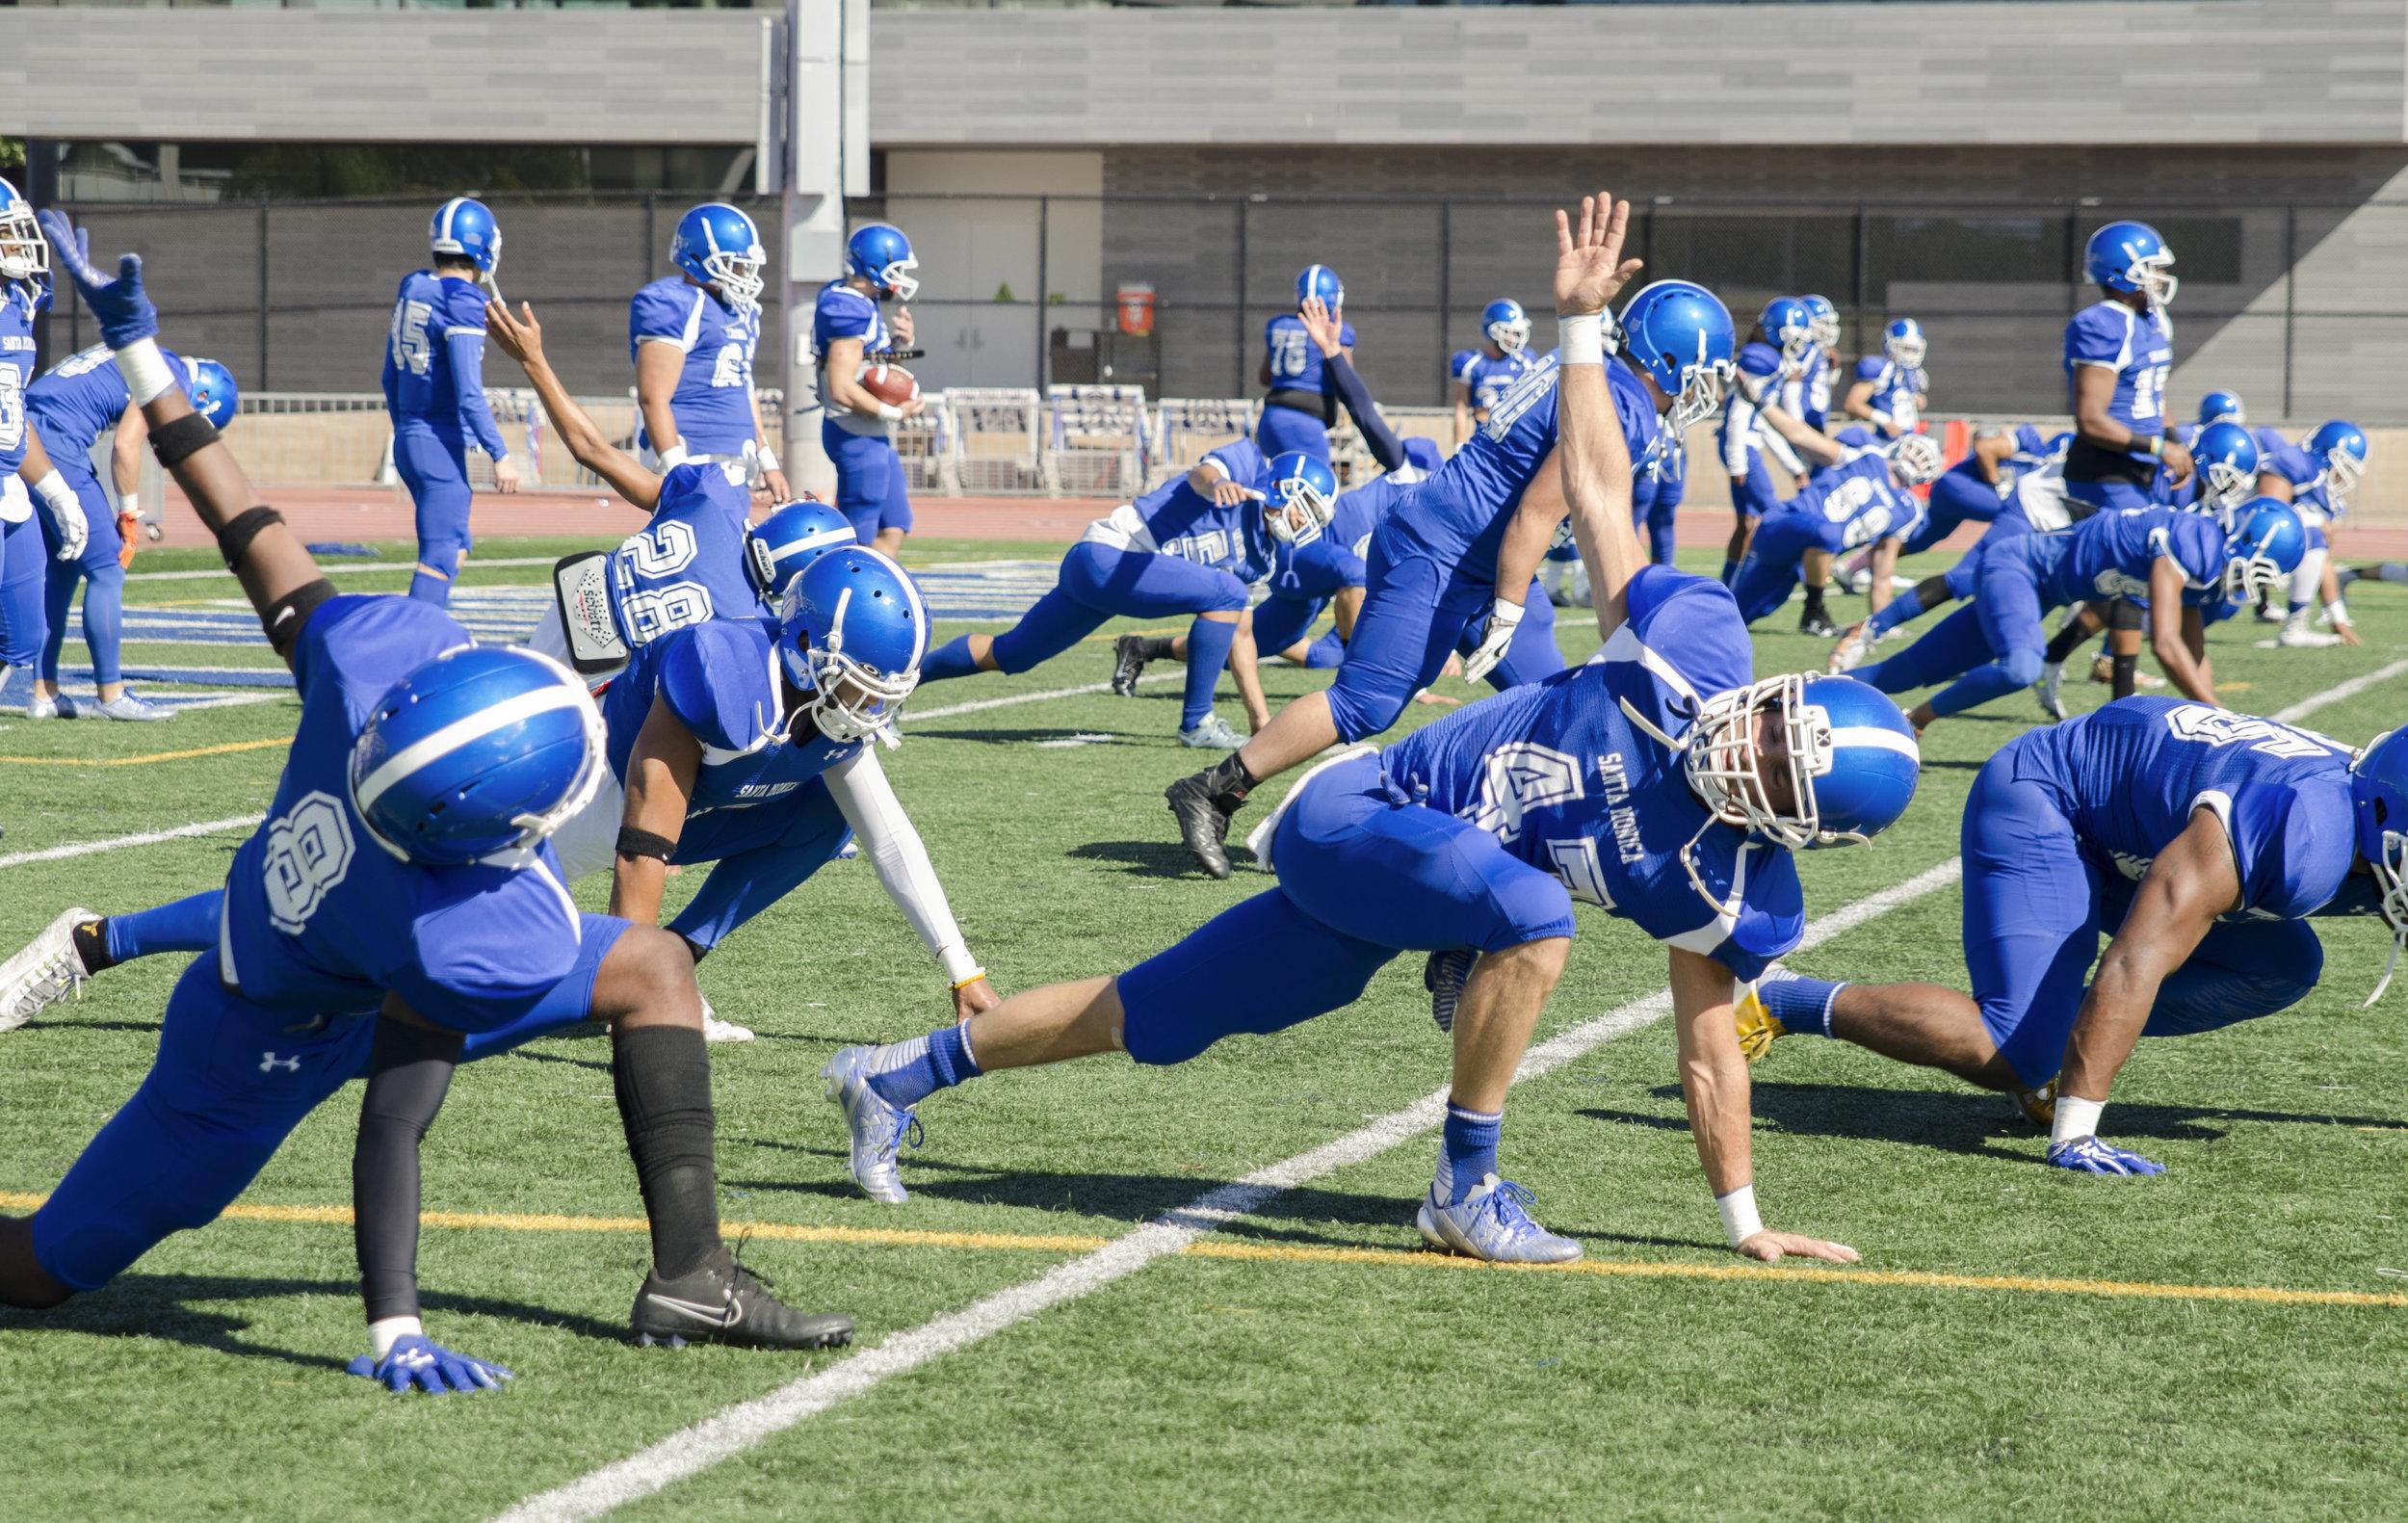 Santa Monica football players stretching and warming up before the big homecoming game. Santa Monica College football field in Santa Monica,Calif. November 4, 2017. (Photo by: Diana Parra Garcia)